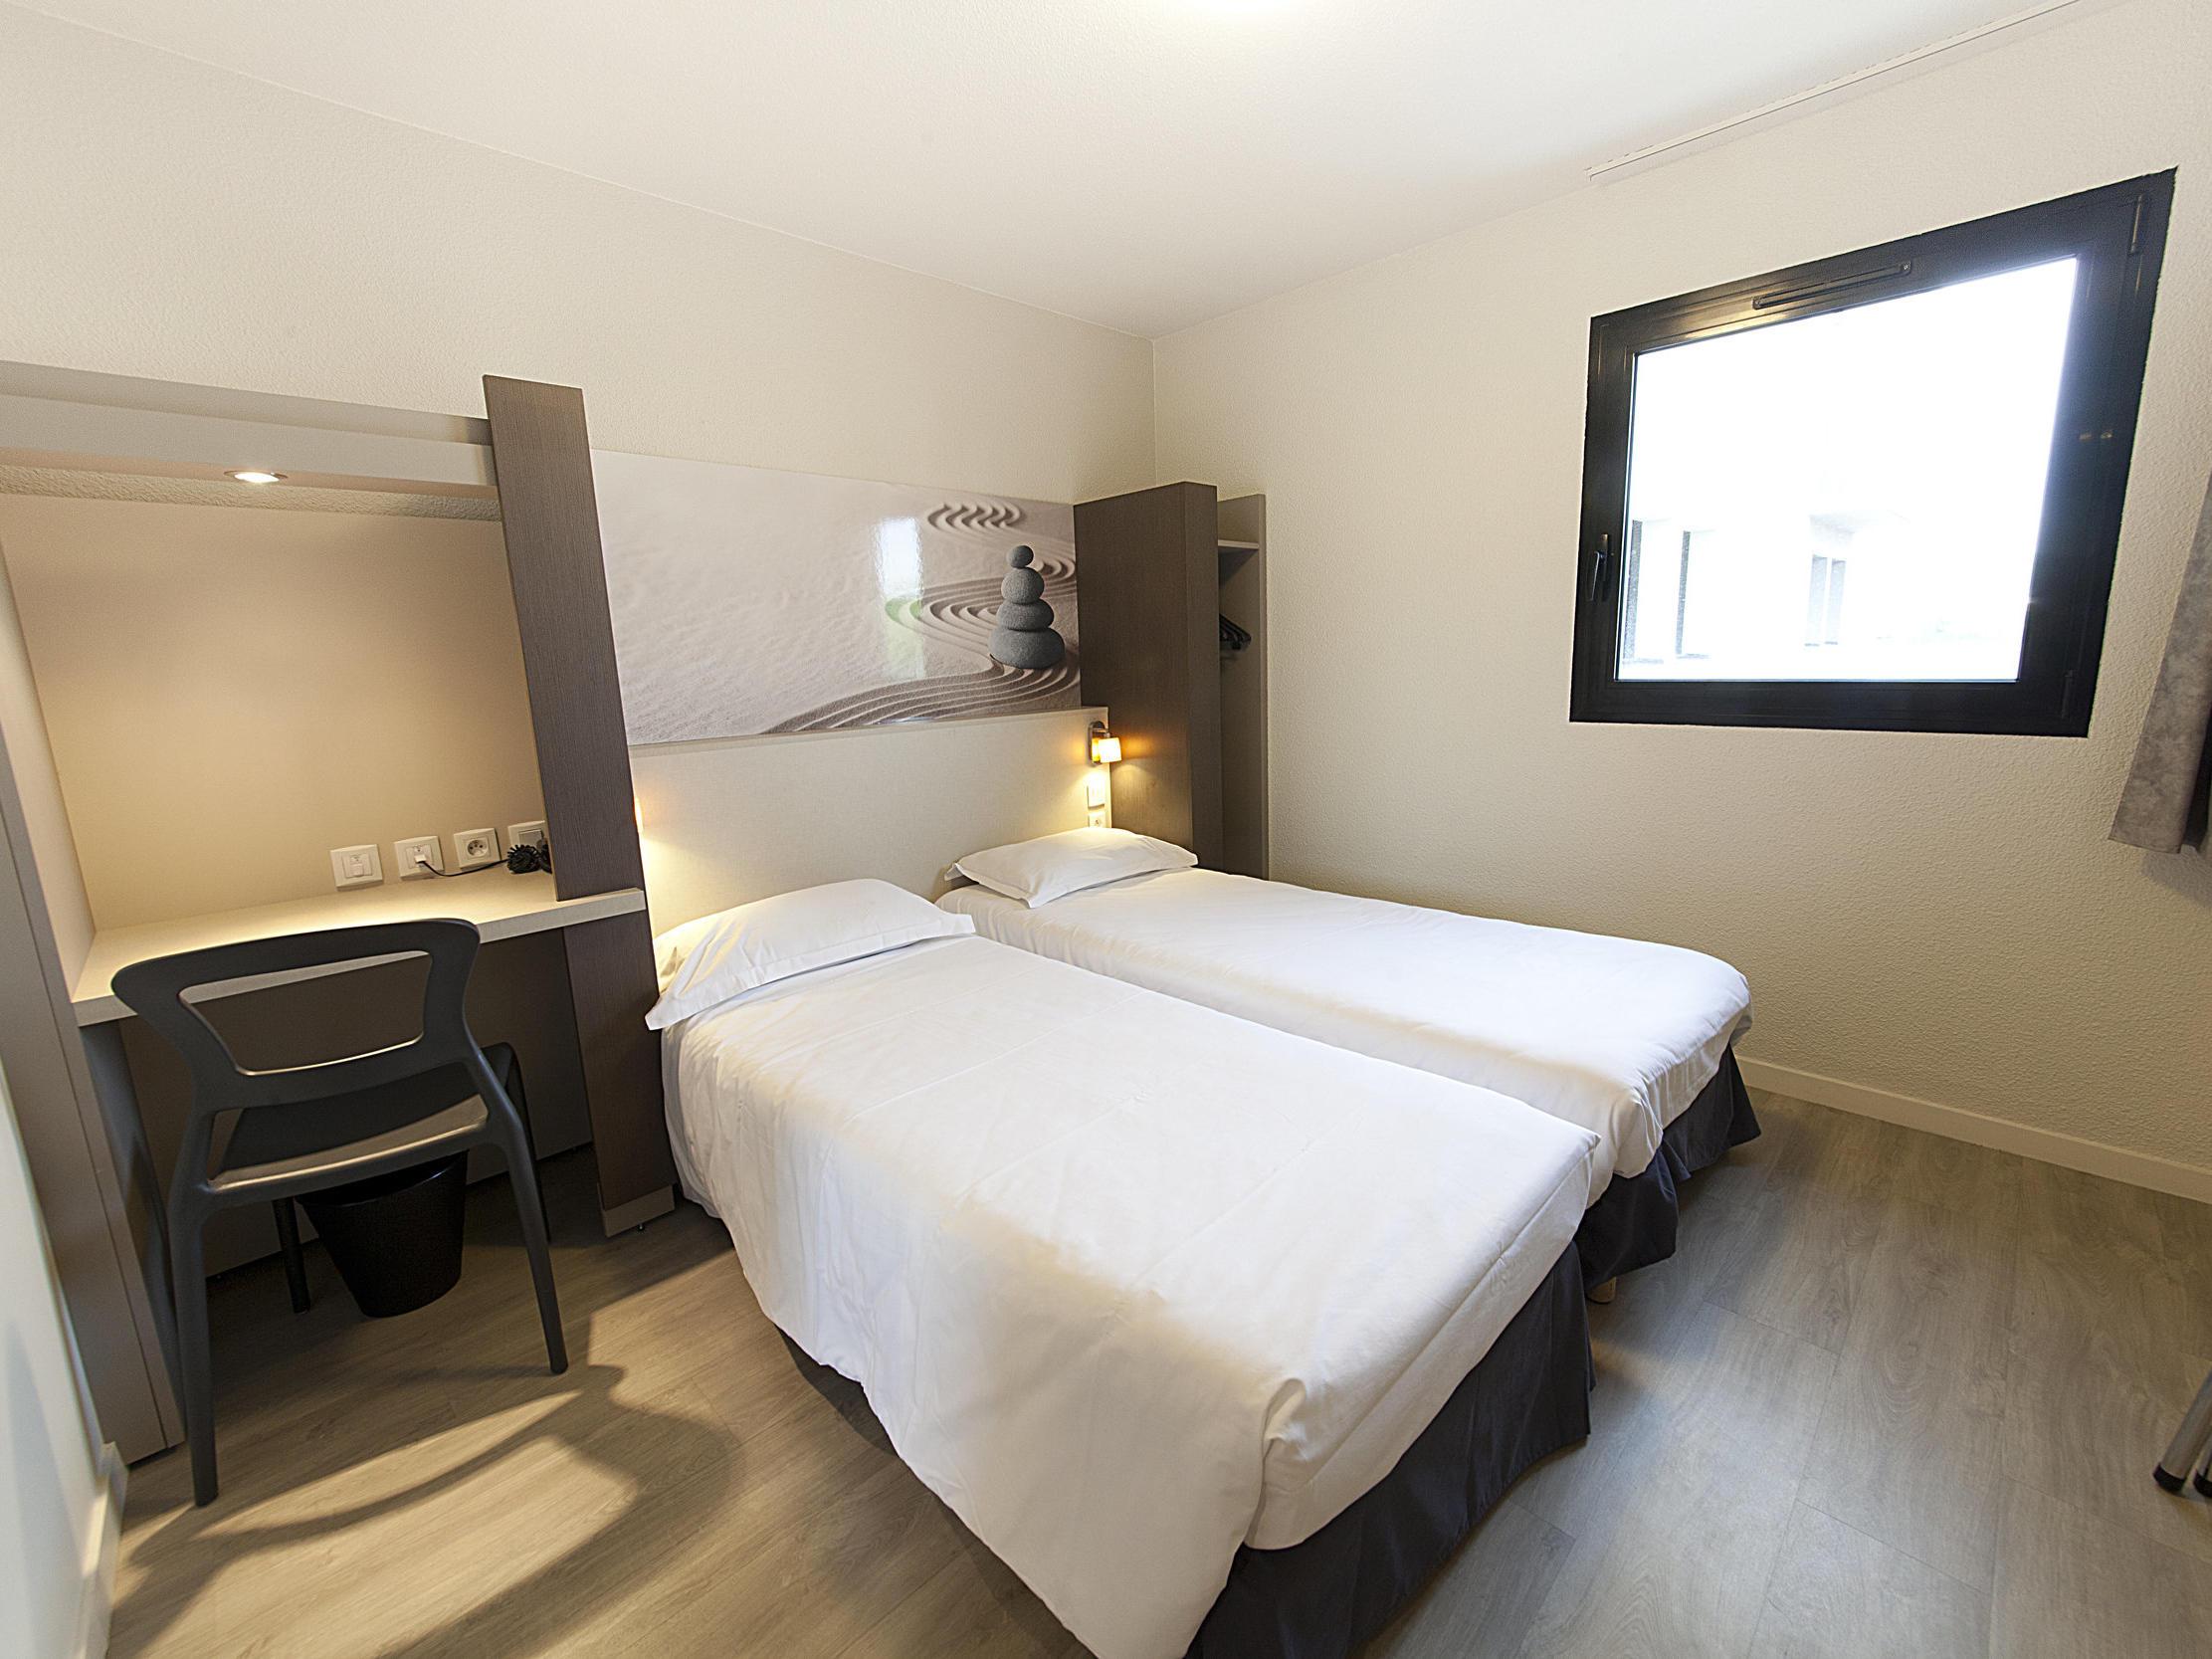 Standard Twin Room at The Originals City, Hôtel Clermont-Ferrand Sout Aubière